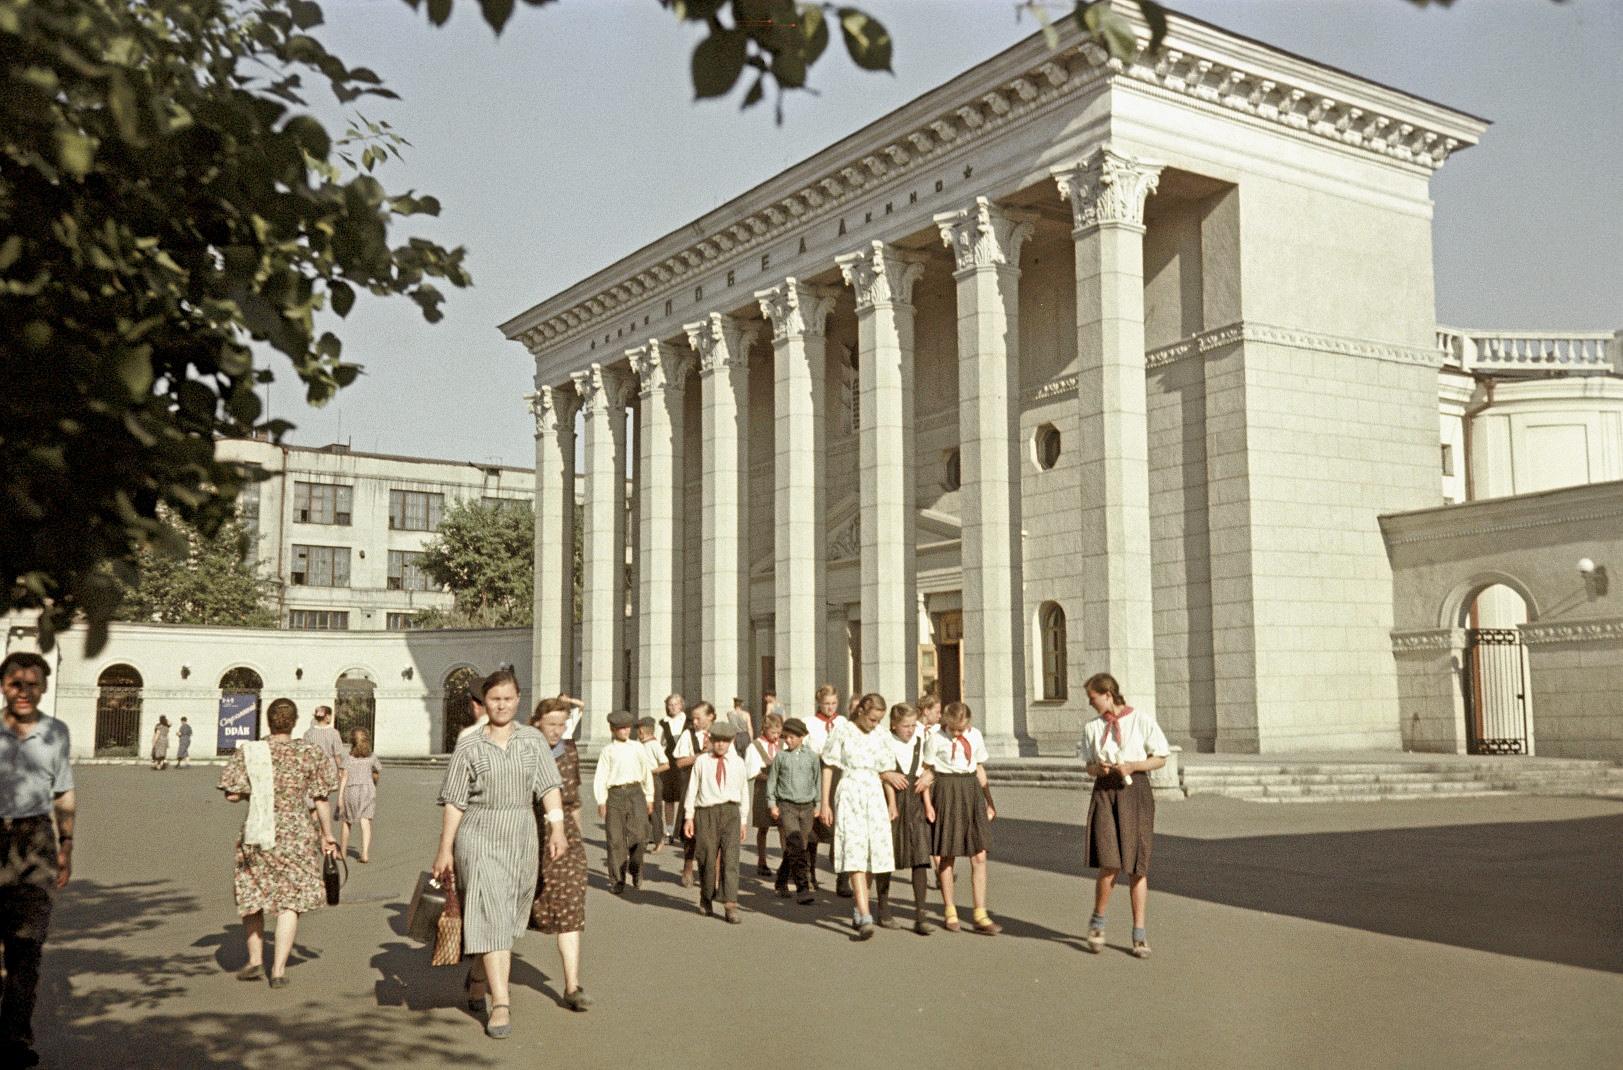 http://images.vfl.ru/ii/1576415124/9d956c20/28916707.jpg